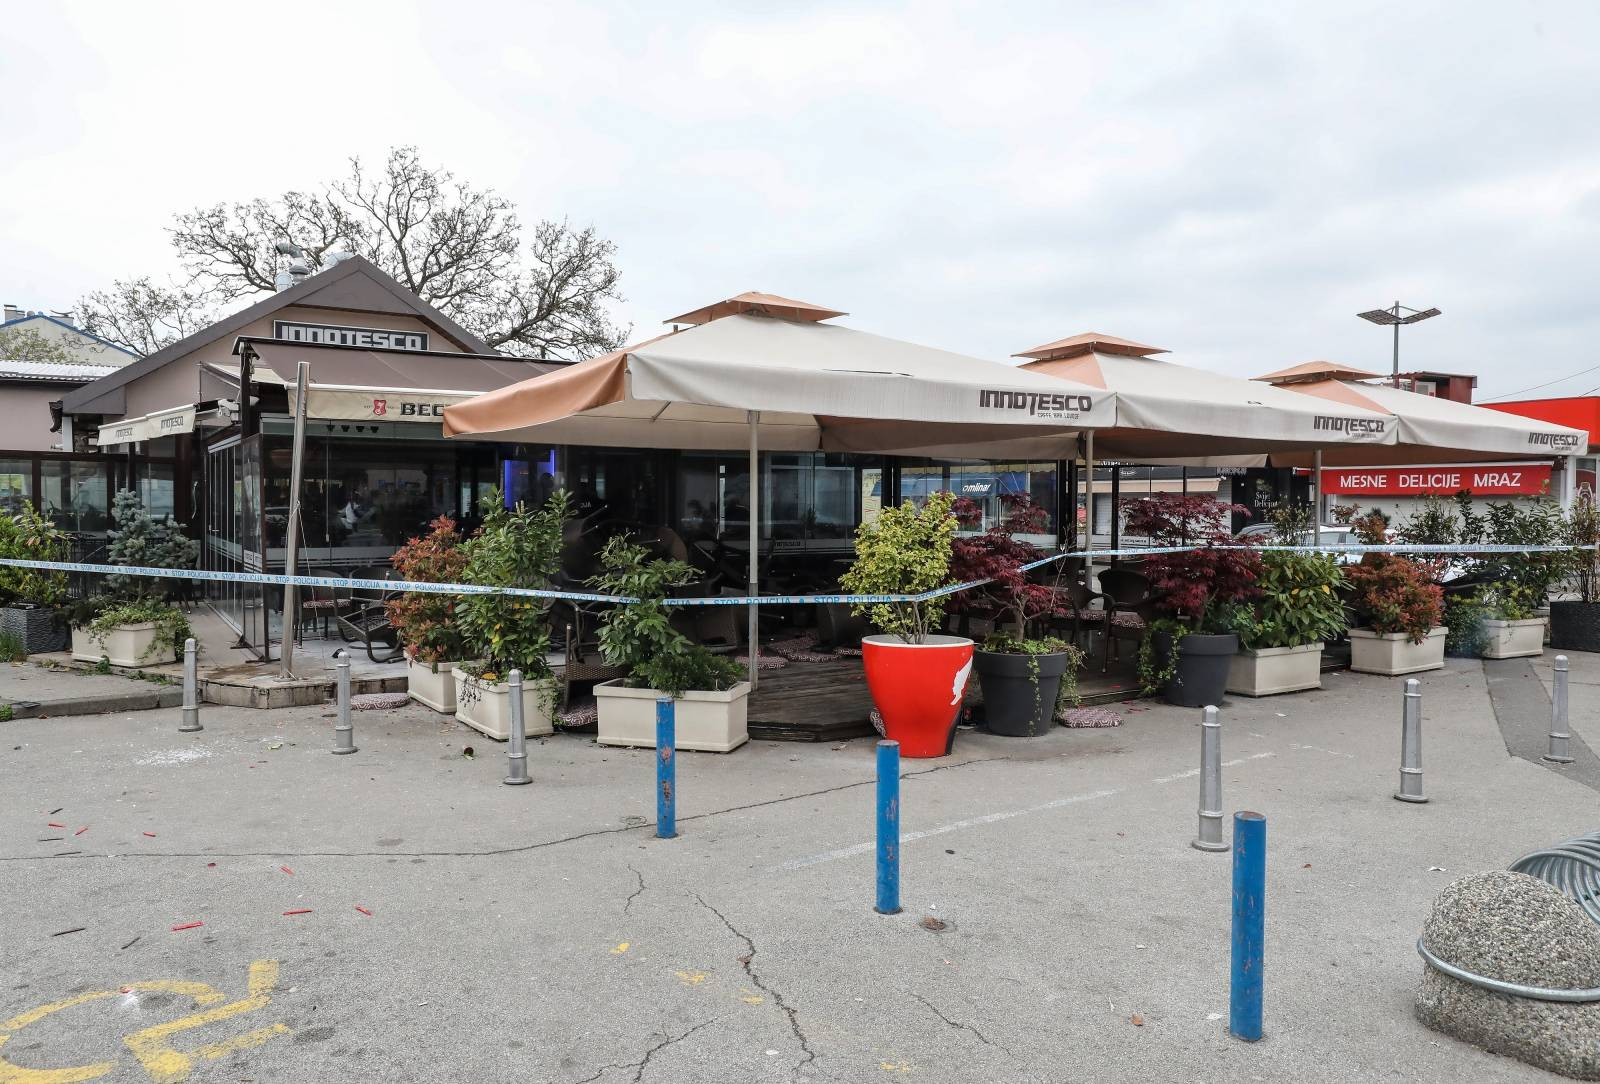 Zagreb: Navijači Dinama i Torcide sukobili se u kafiću Innotesco na Trešnjevačkoj tržnici